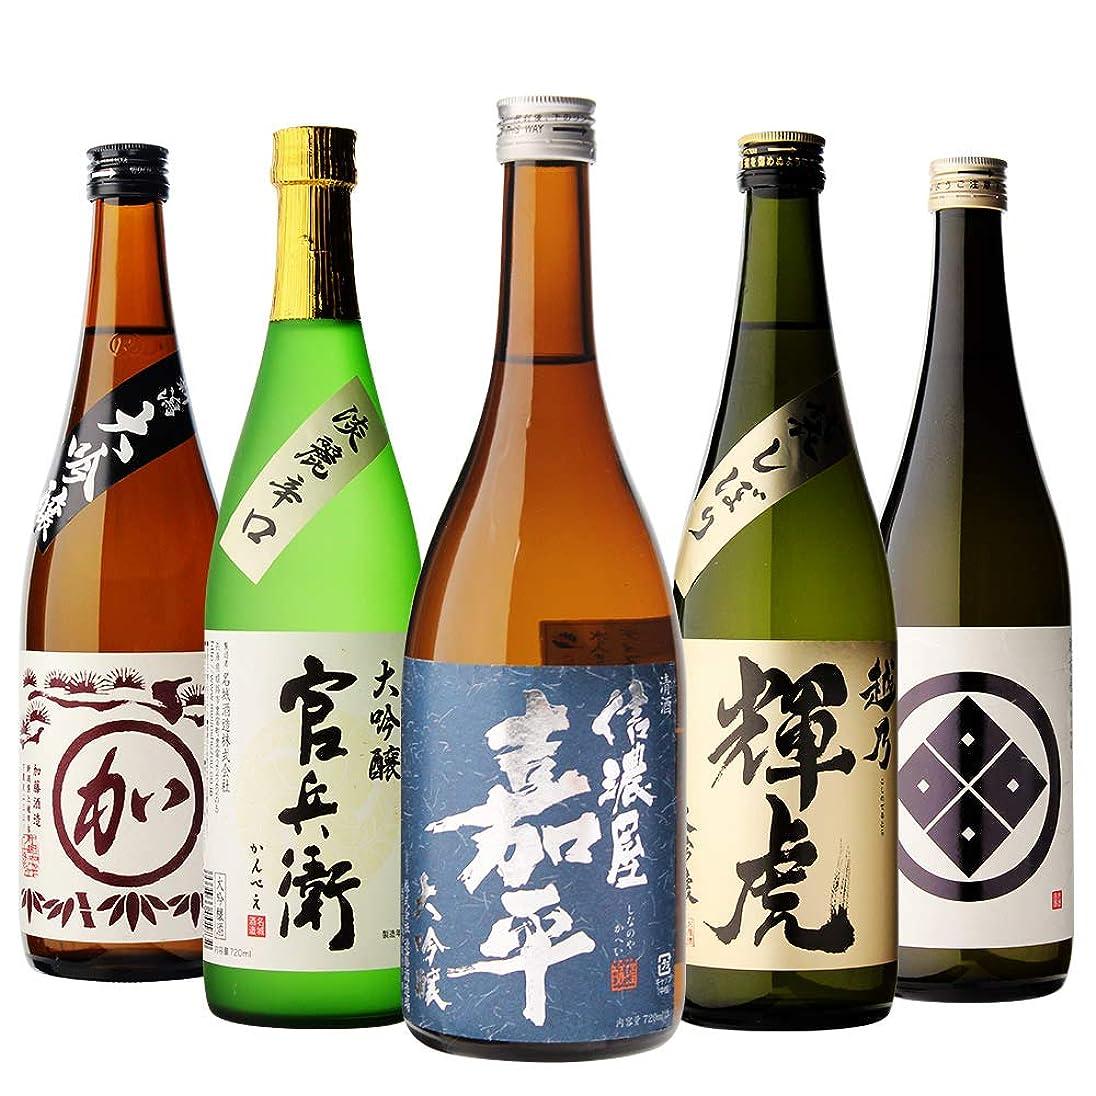 ブルームへこみ燃やす衝撃の50%OFF! 日本酒最高ランクの大吟醸720ml 5本セット 4合瓶 酒 日本酒 大吟醸 飲み比べ 御中元 長S